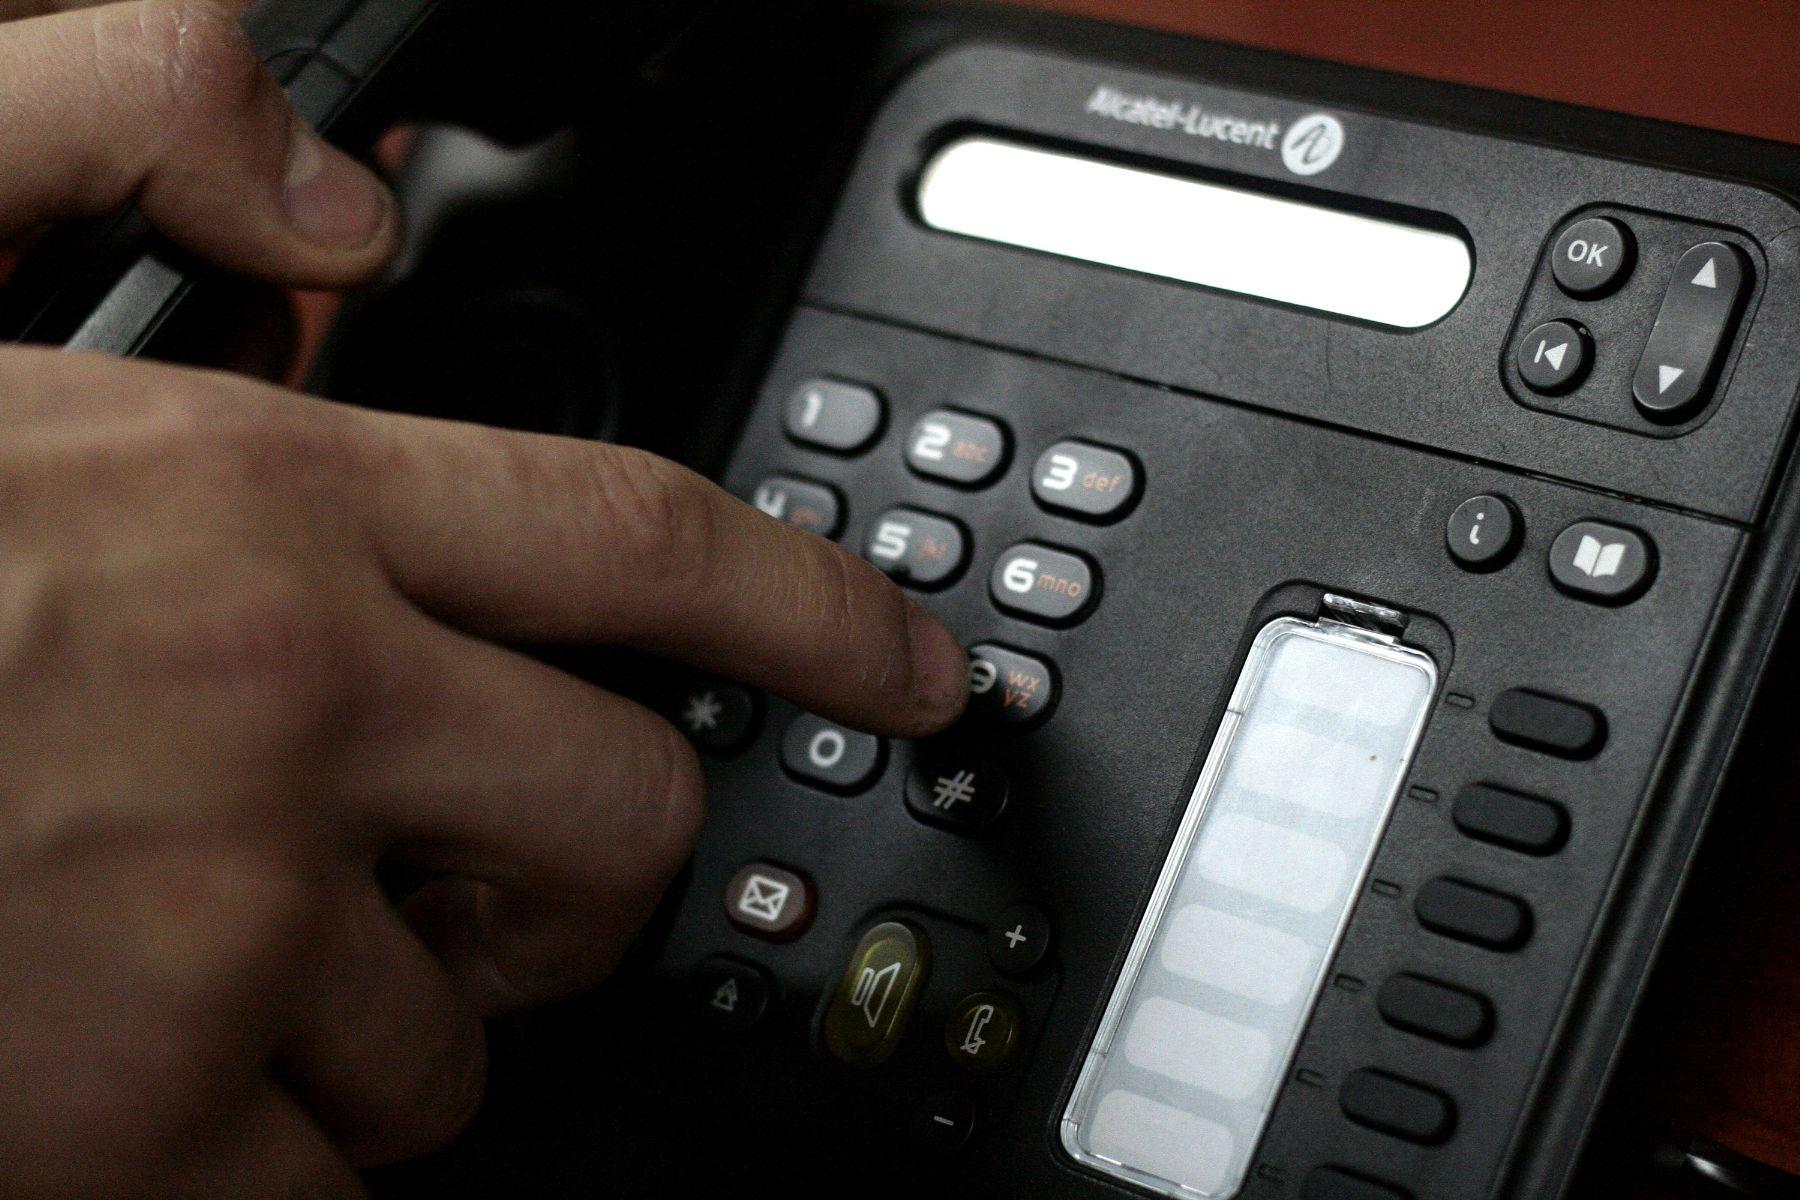 dictamen permite subsidio de telefonía